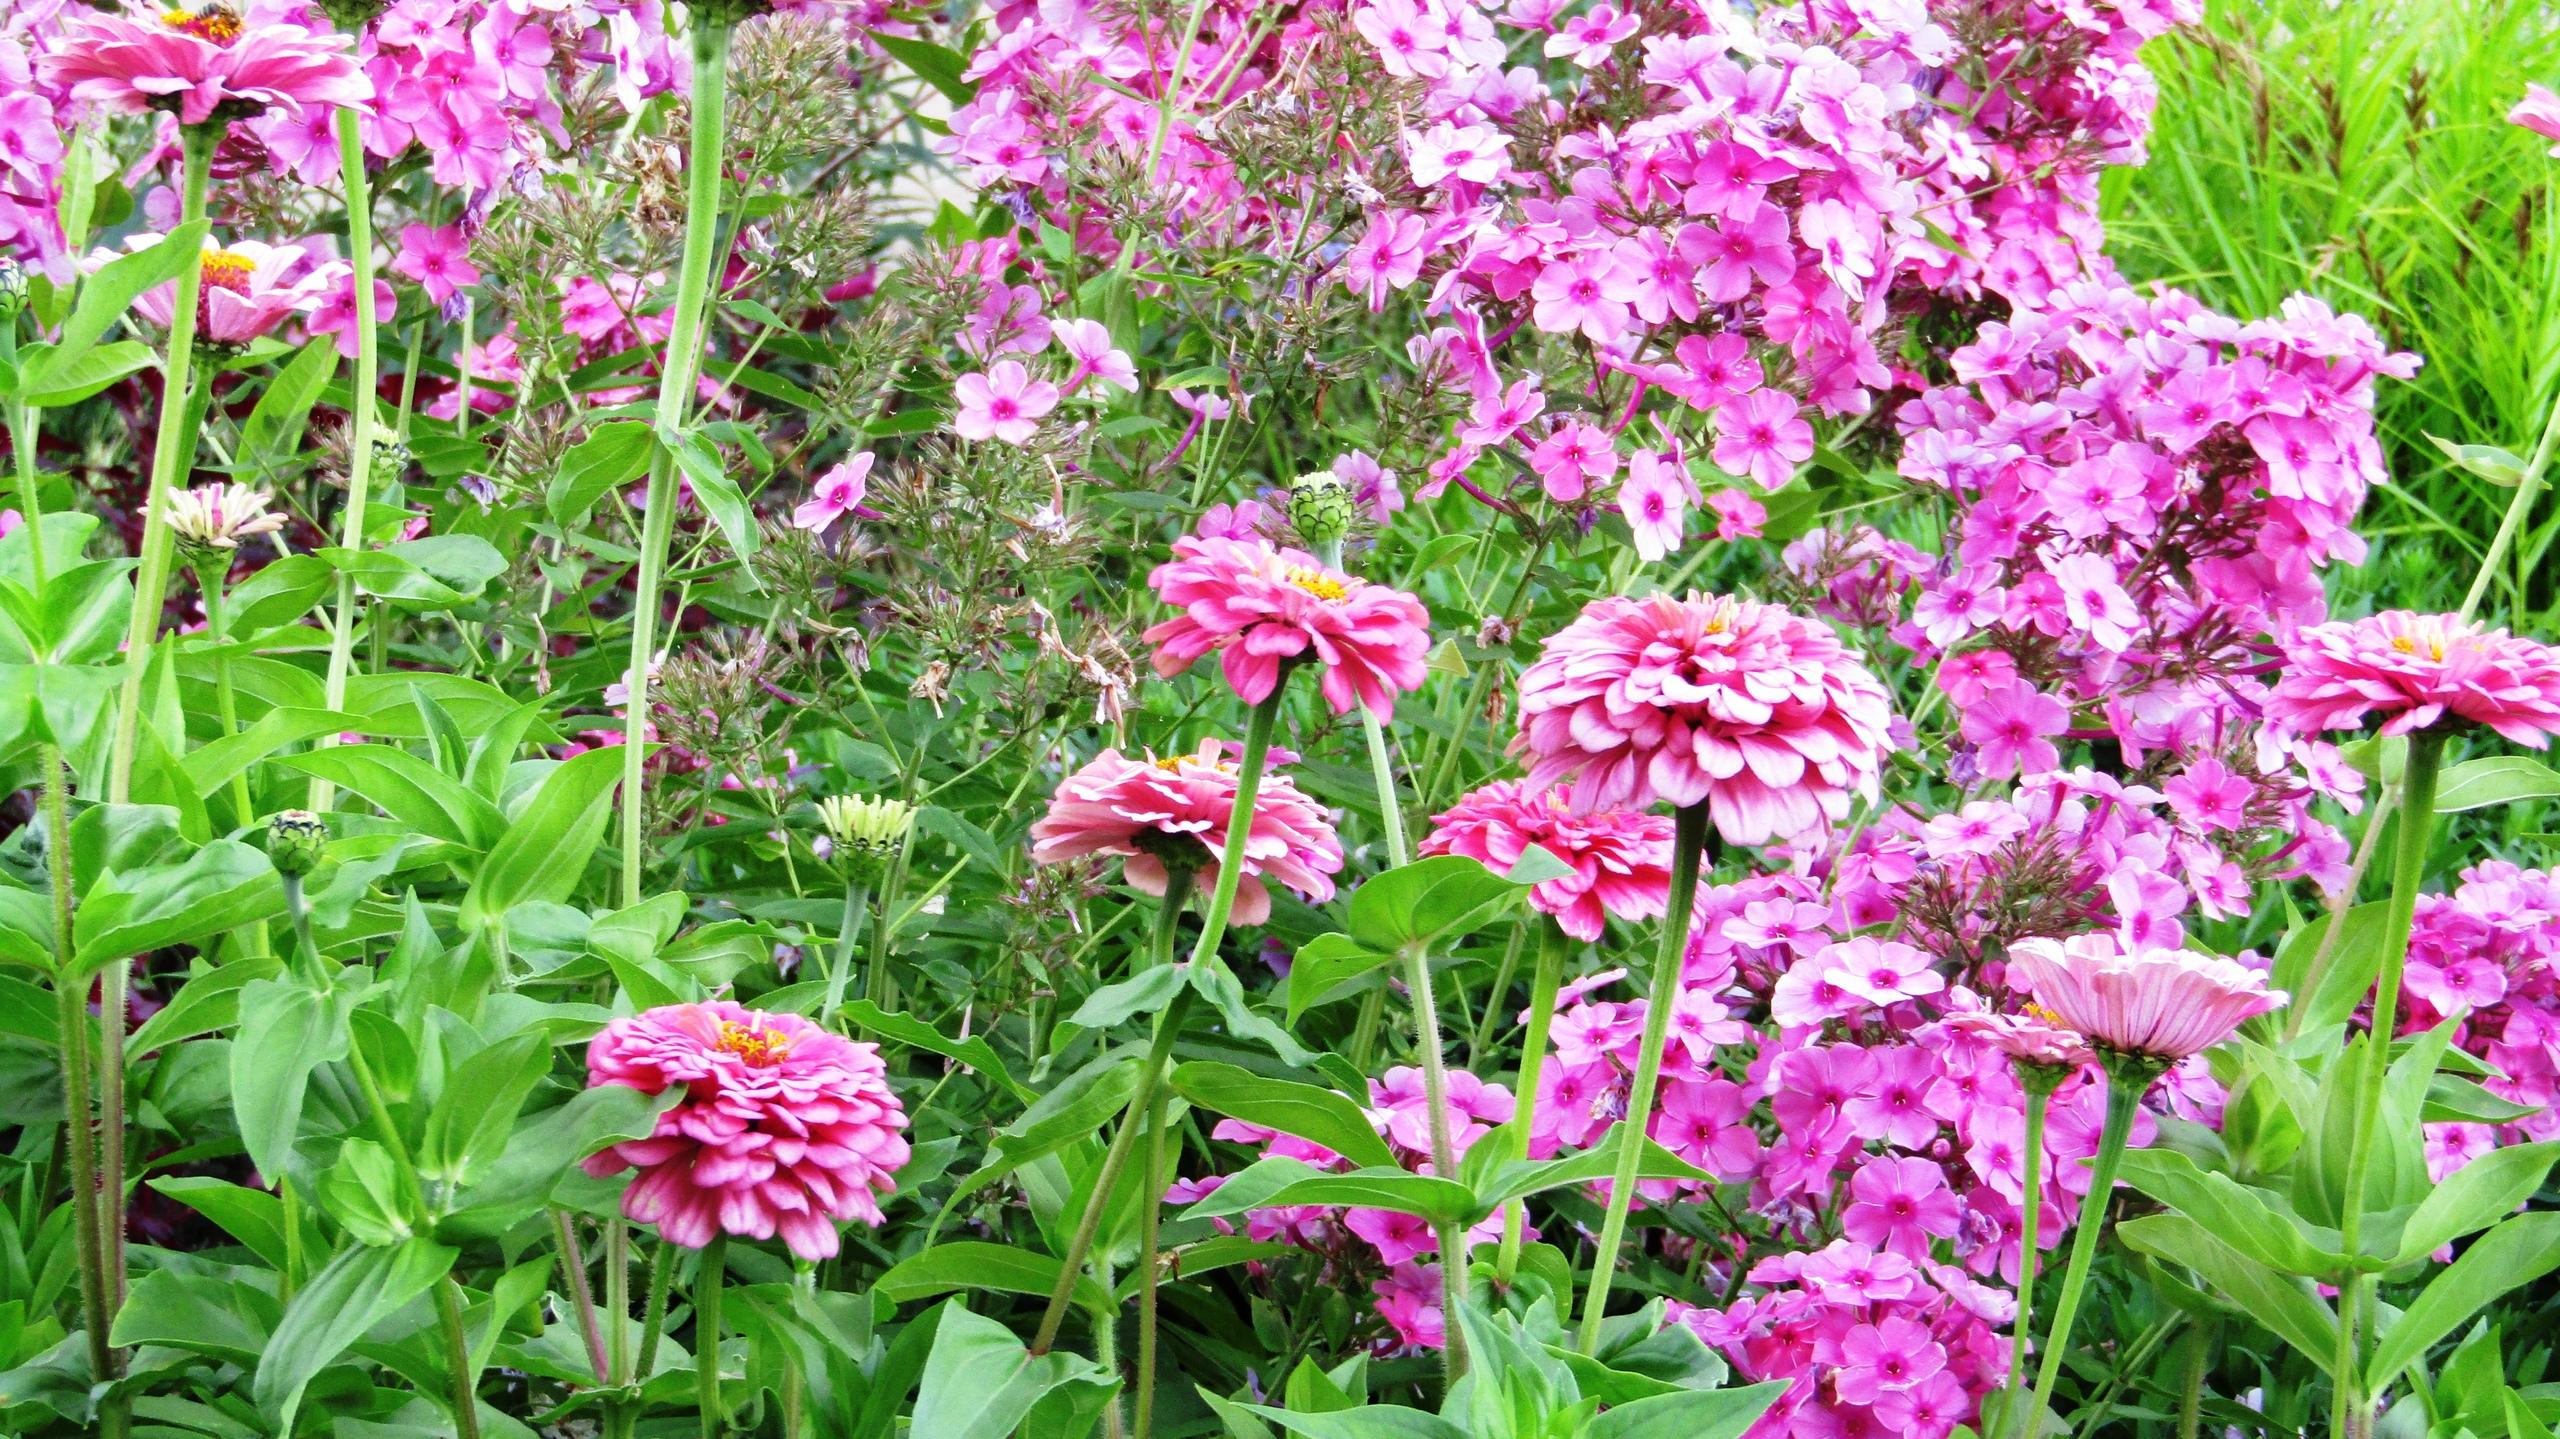 Ароматы и цвета ботанического сада в Праге здесь, ботанический, только, очень, растений, 9am–5pm, Моргану, можно, нужно, деревья, виноградники, Тройским, между, дальше, ботанического, впору, магазин, растения, видов, около